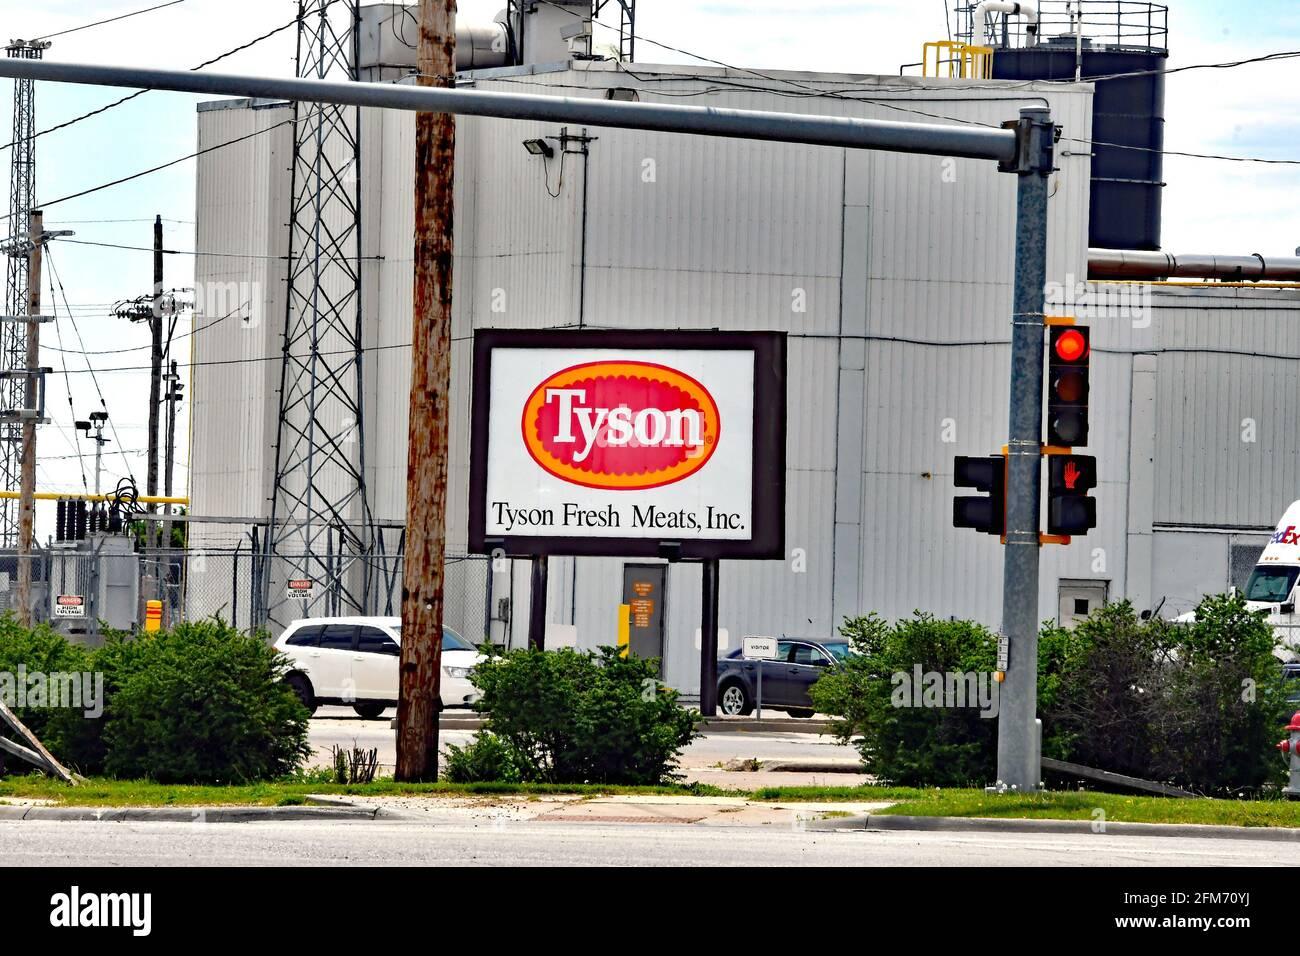 Emporia, Kansas, États-Unis. 6 mai 2021. Vue d'une usine de Tyson Fresh Meats à Emporia, Kansas, 6 MAI 2021. Crédit : Mark Reinstein/Media Punch/Alamy Live News Banque D'Images